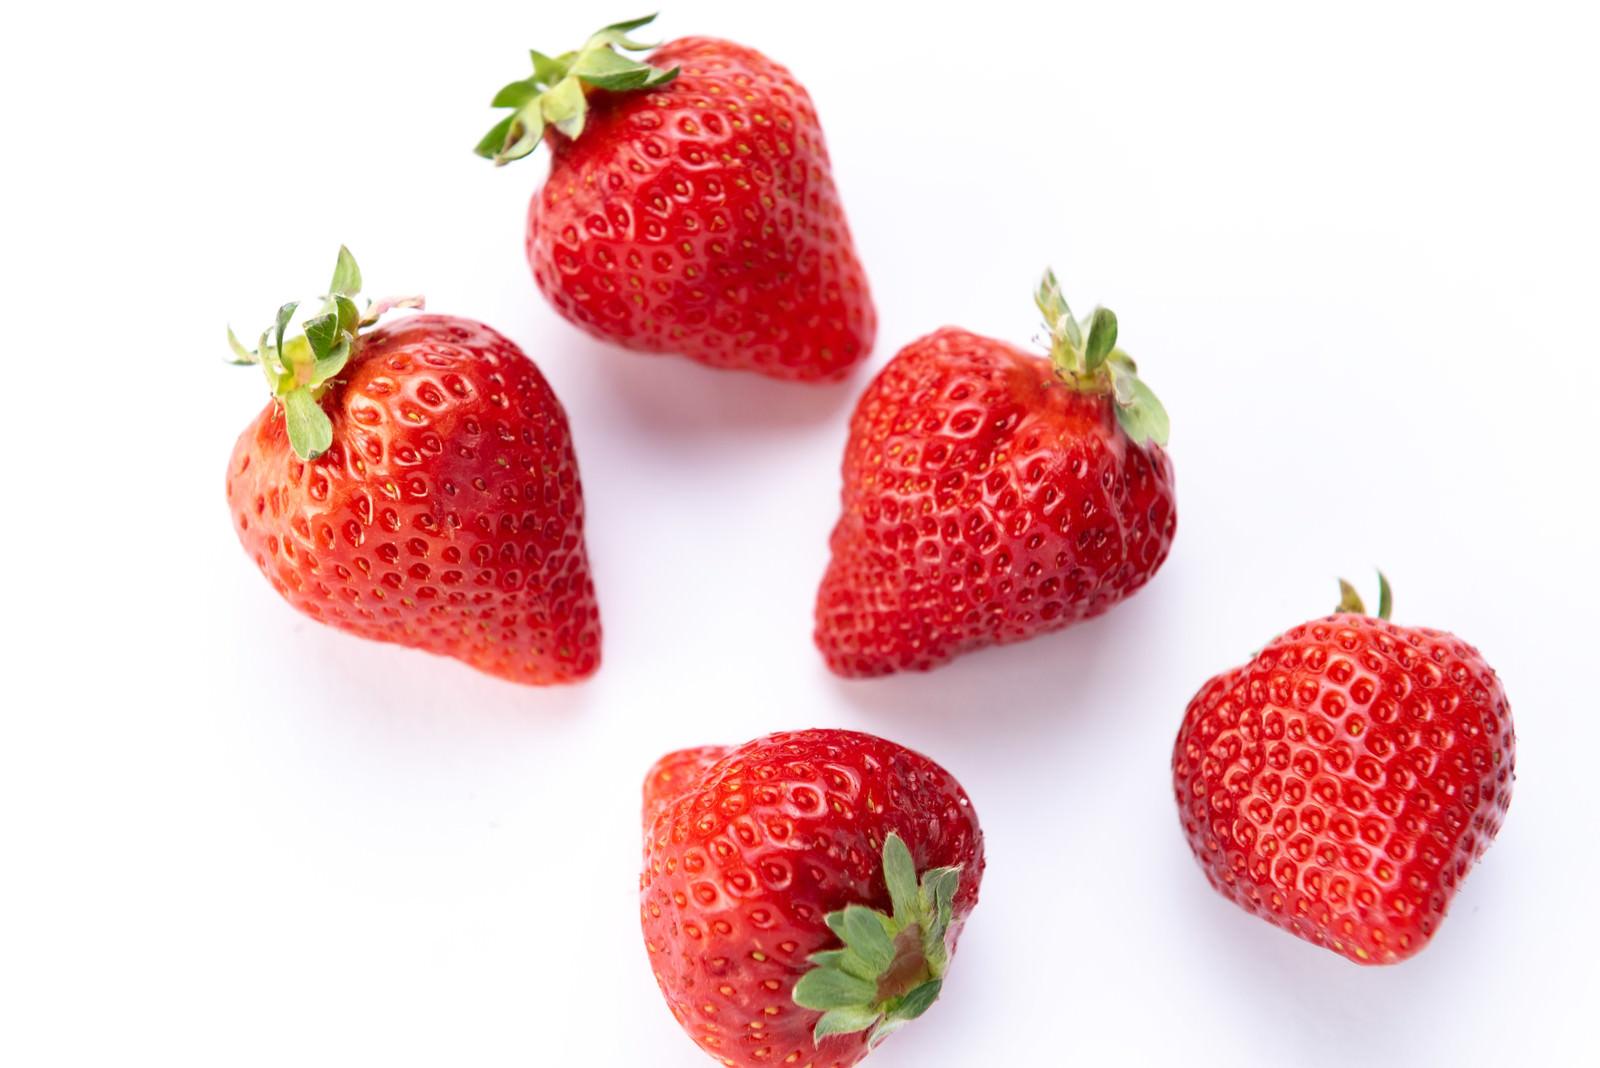 「無造作に置かれた整った形の苺」の写真